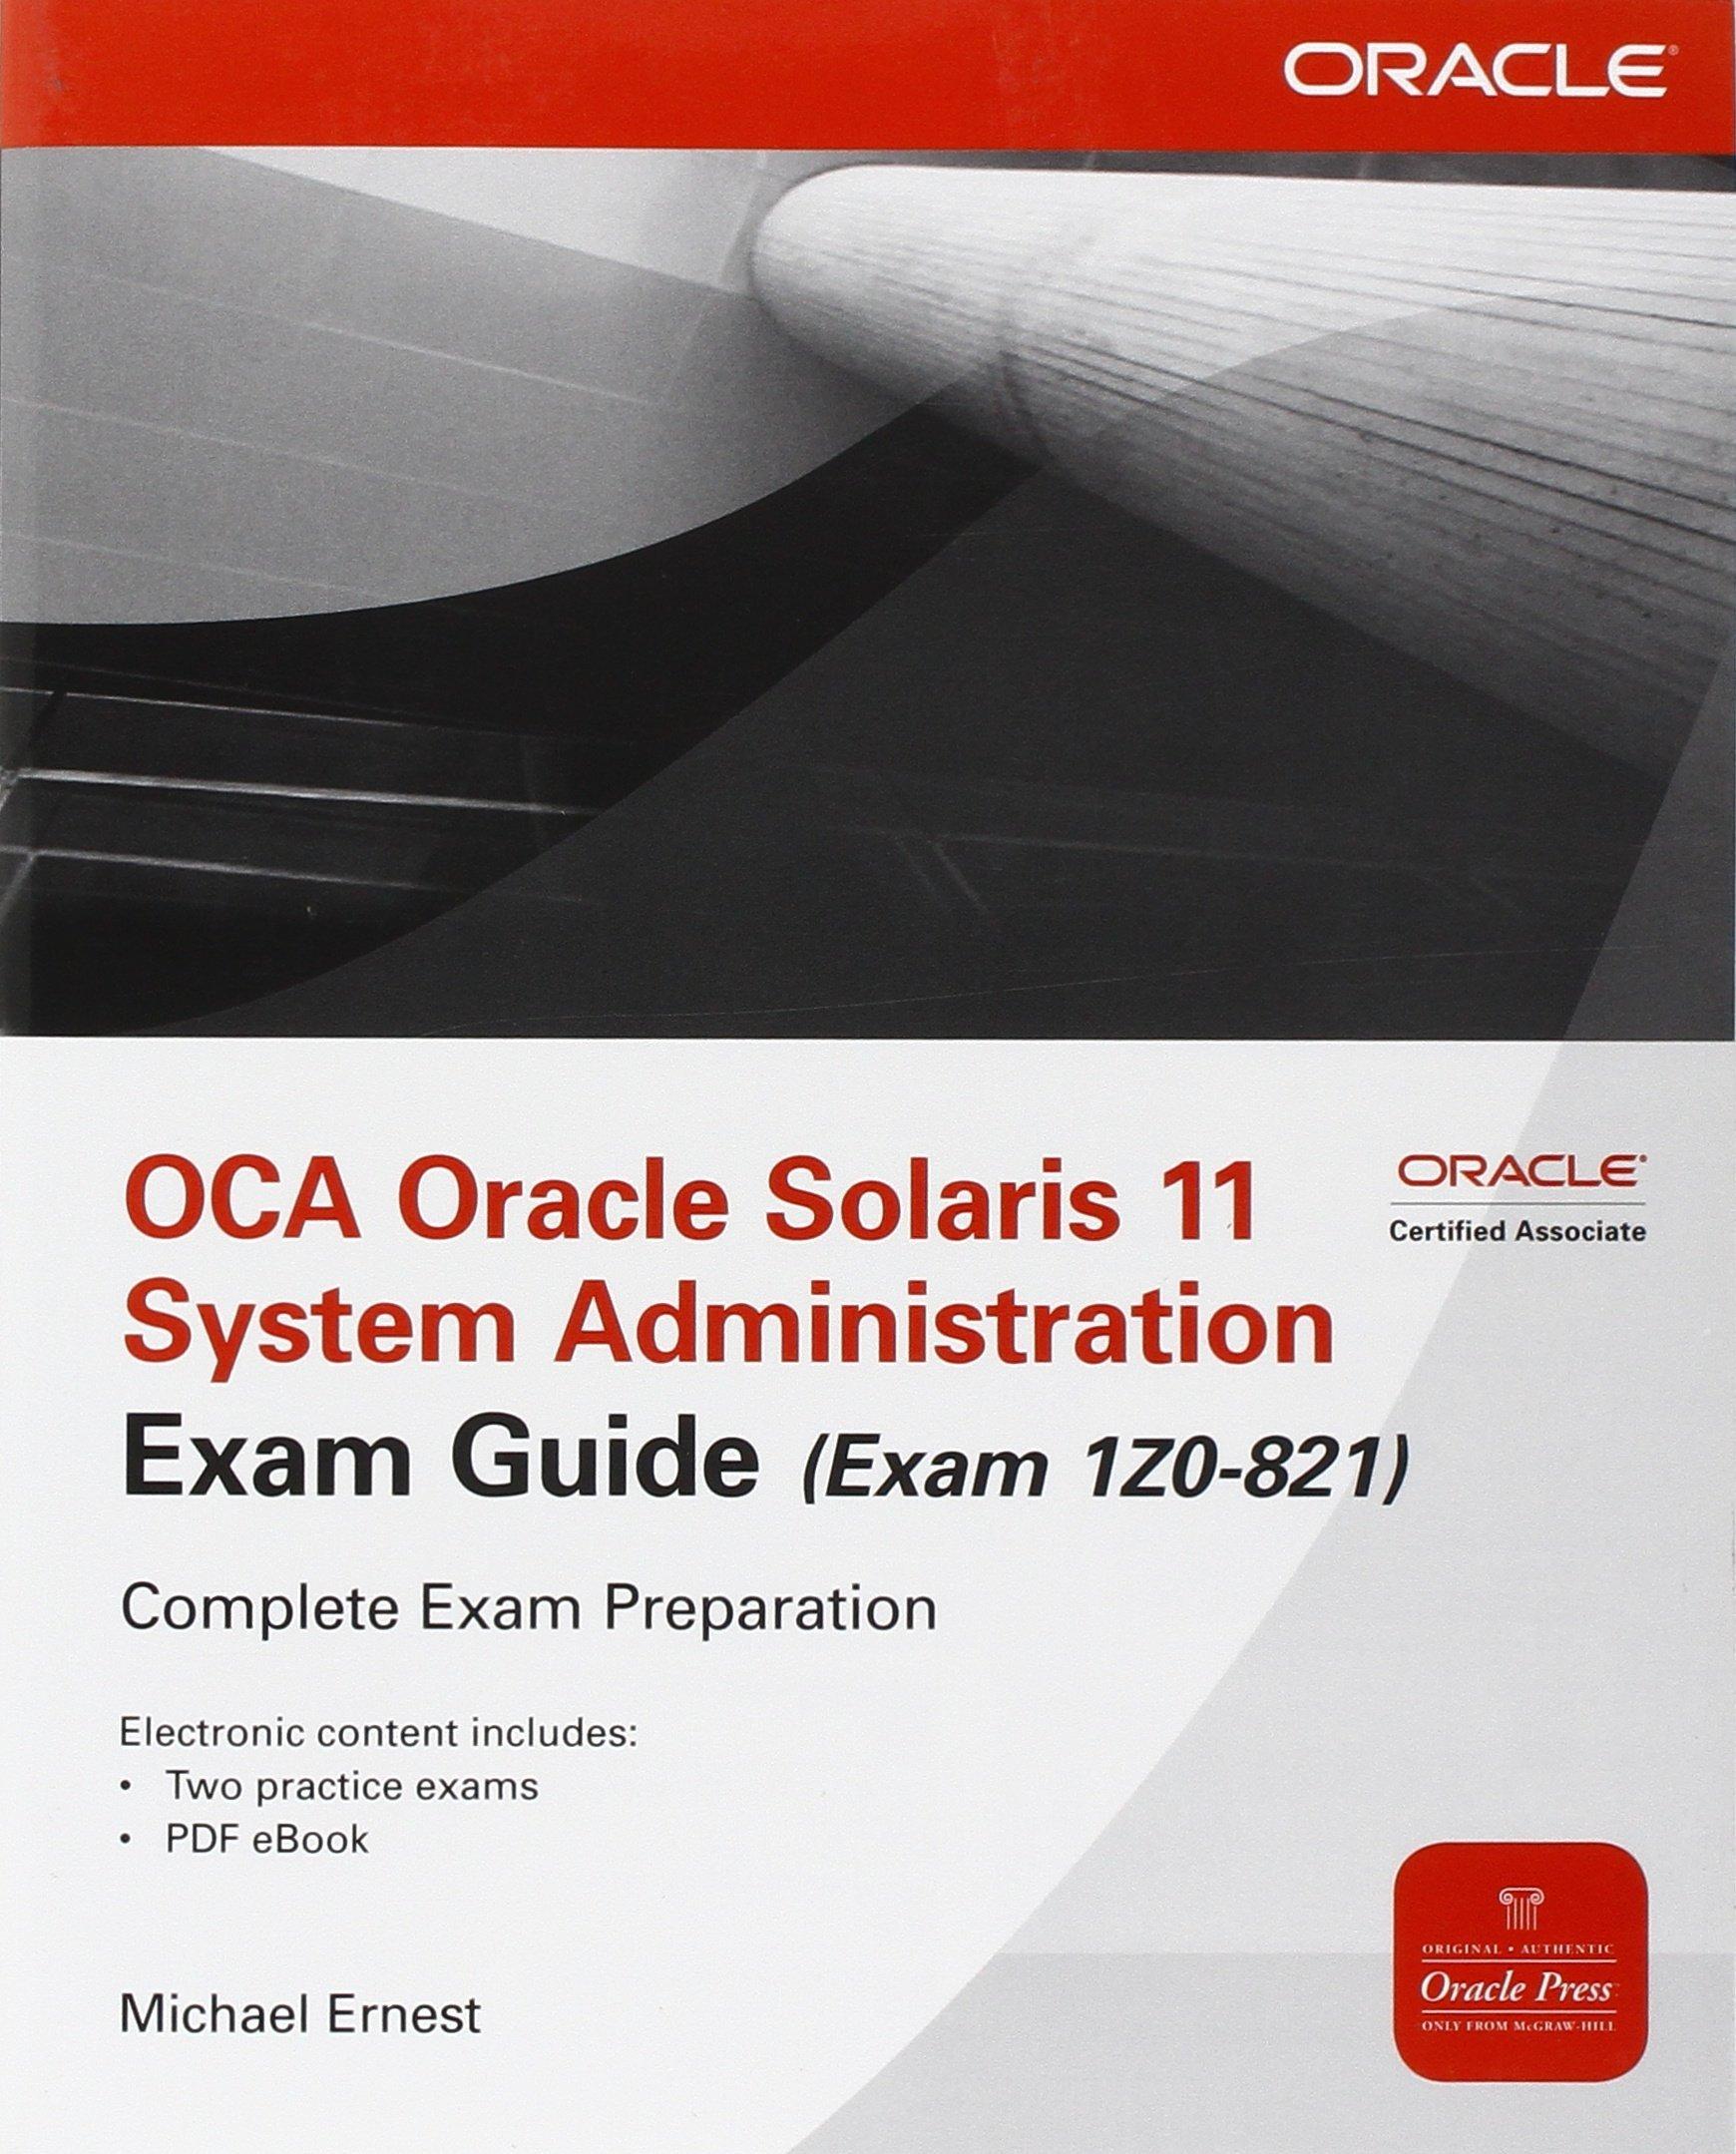 oca oracle solaris 11 system administrator exam guide pdf